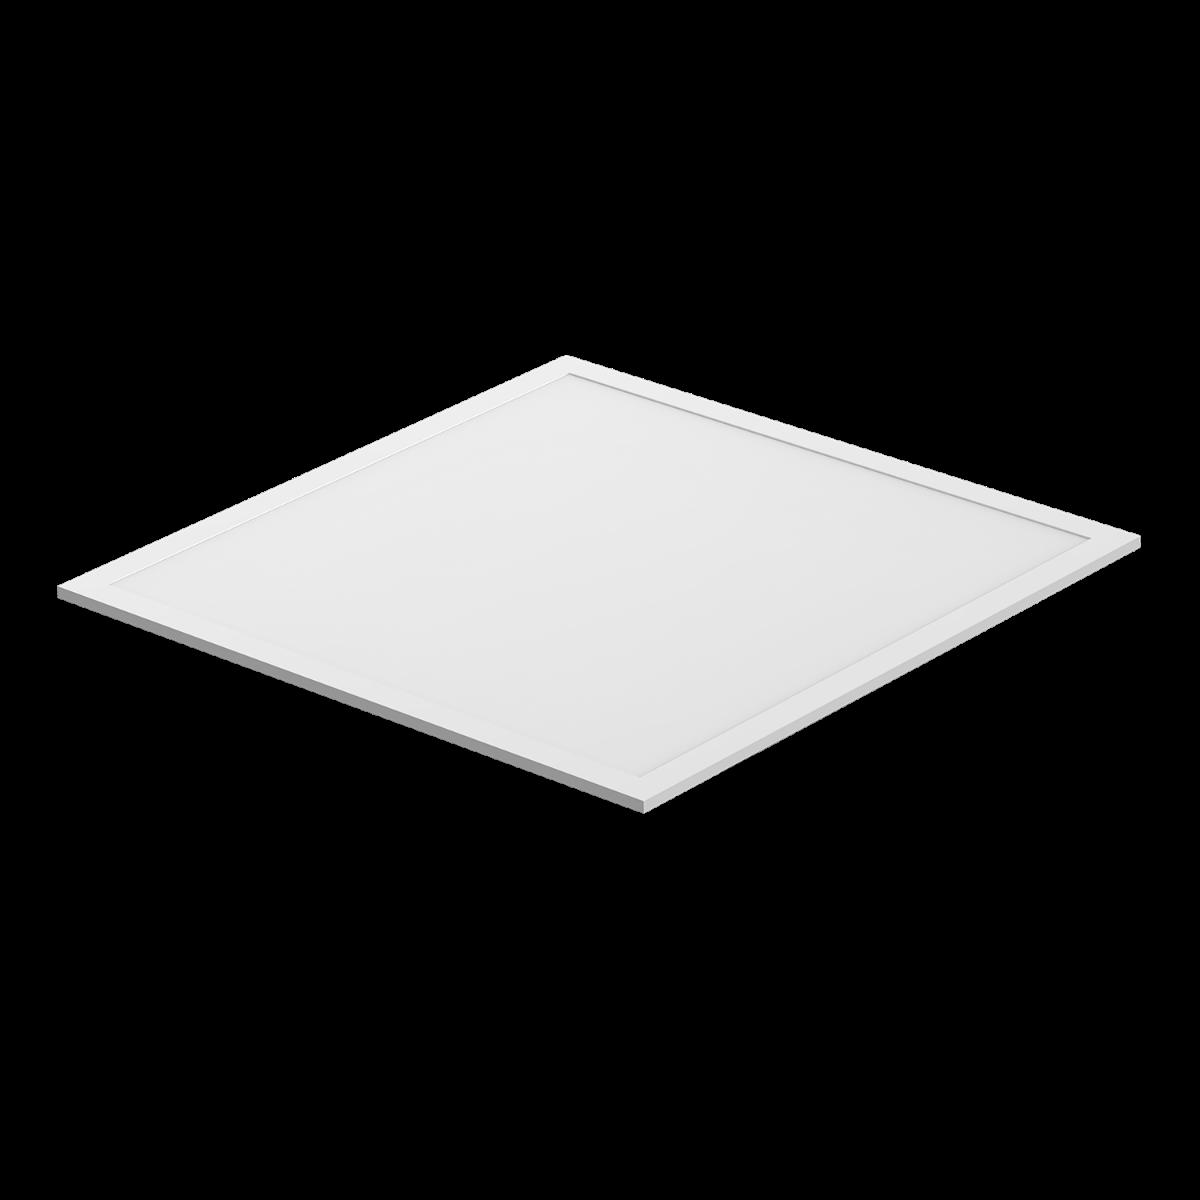 Noxion LED Paneel Econox 32W Xitanium DALI 60x60cm 4000K 4400lm UGR <22 | Dali Dimbaar - Vervanger voor 4x18W